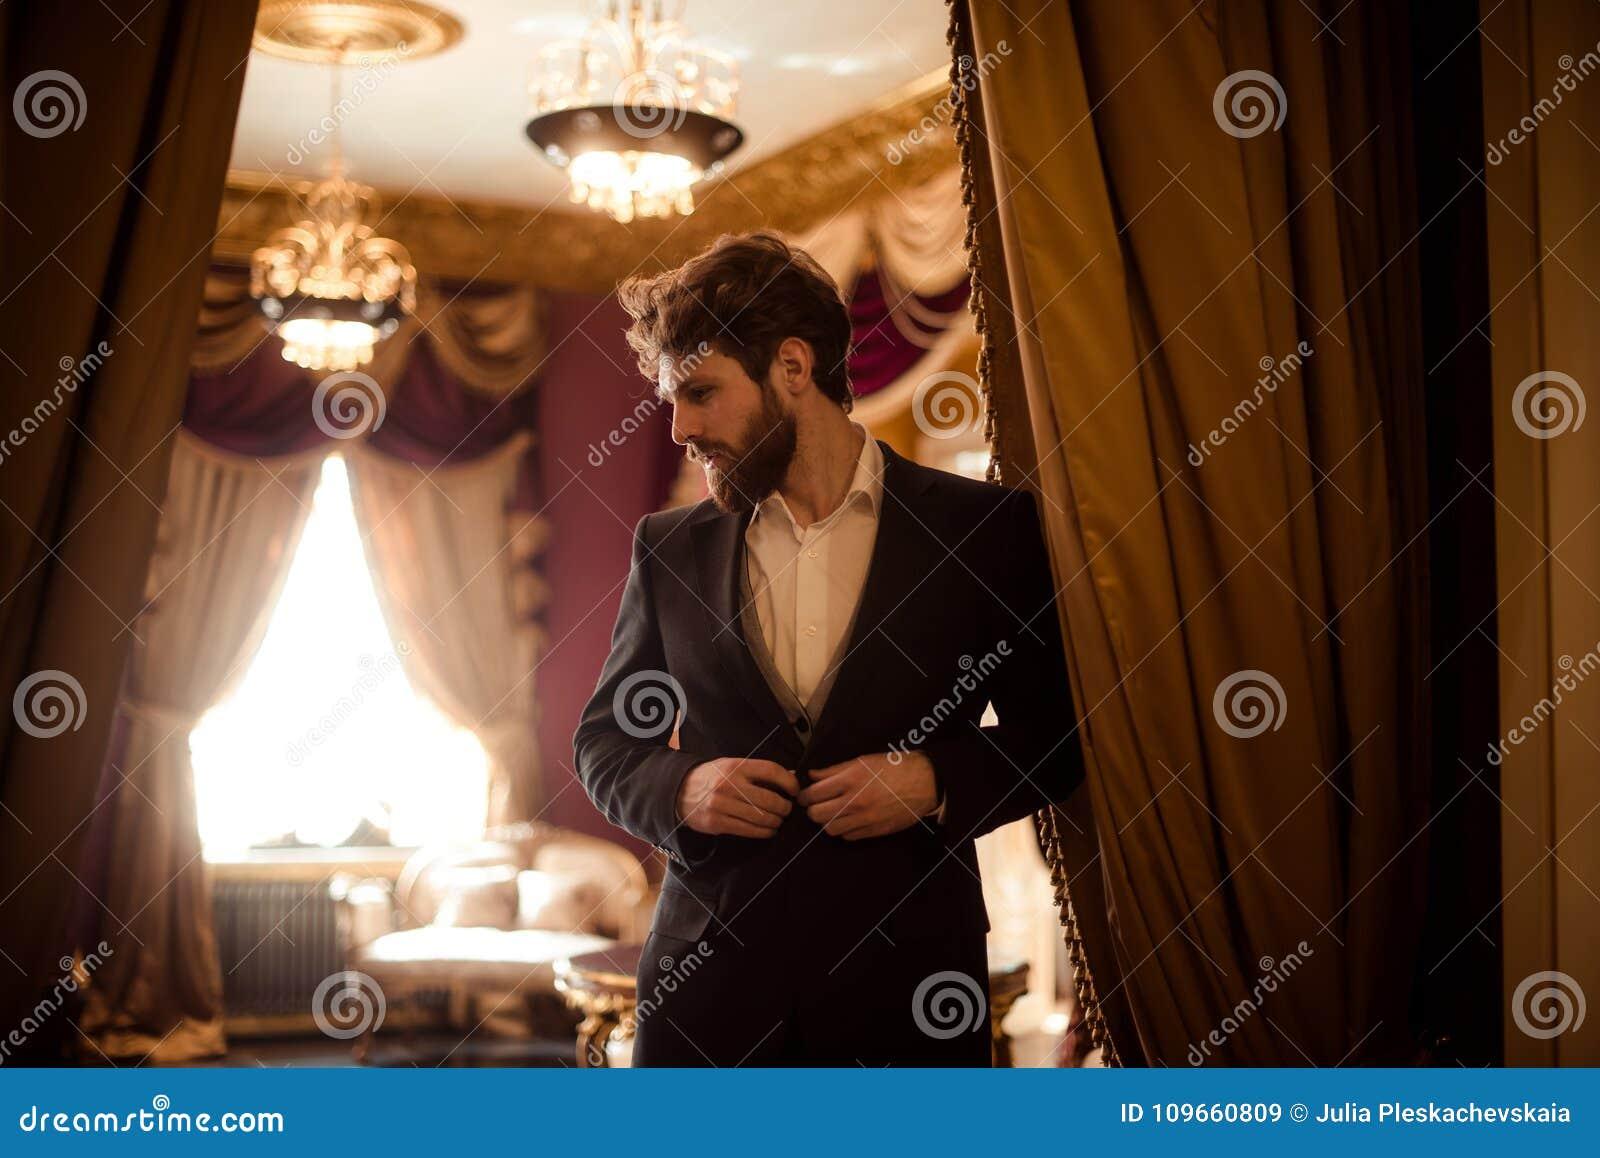 Горизонтальная съемка бородатого мужского предпринимателя одела в официально костюме, стойках в королевской комнате с роскошными